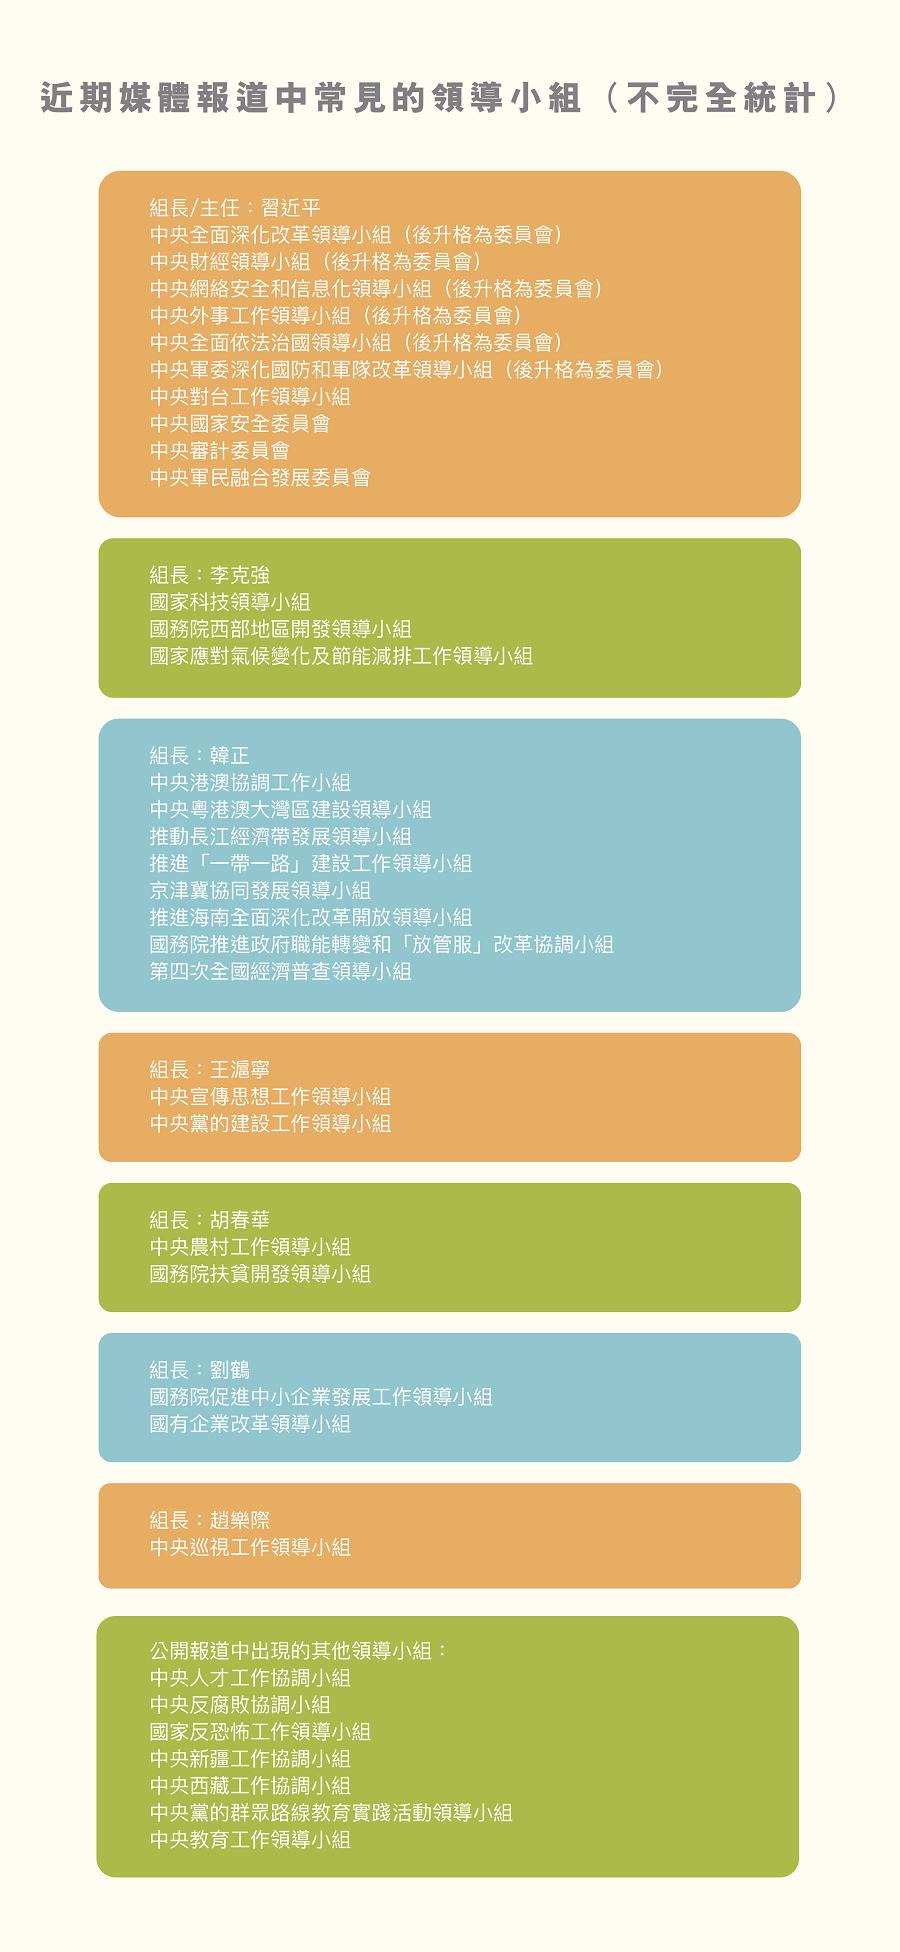 main_site_illustration_lingdaoxiaozuxiediaojuece_v1_copy_jinqimeitibaodaozhongchangjiandelingdaoxiaozubuwanquantongji-_1